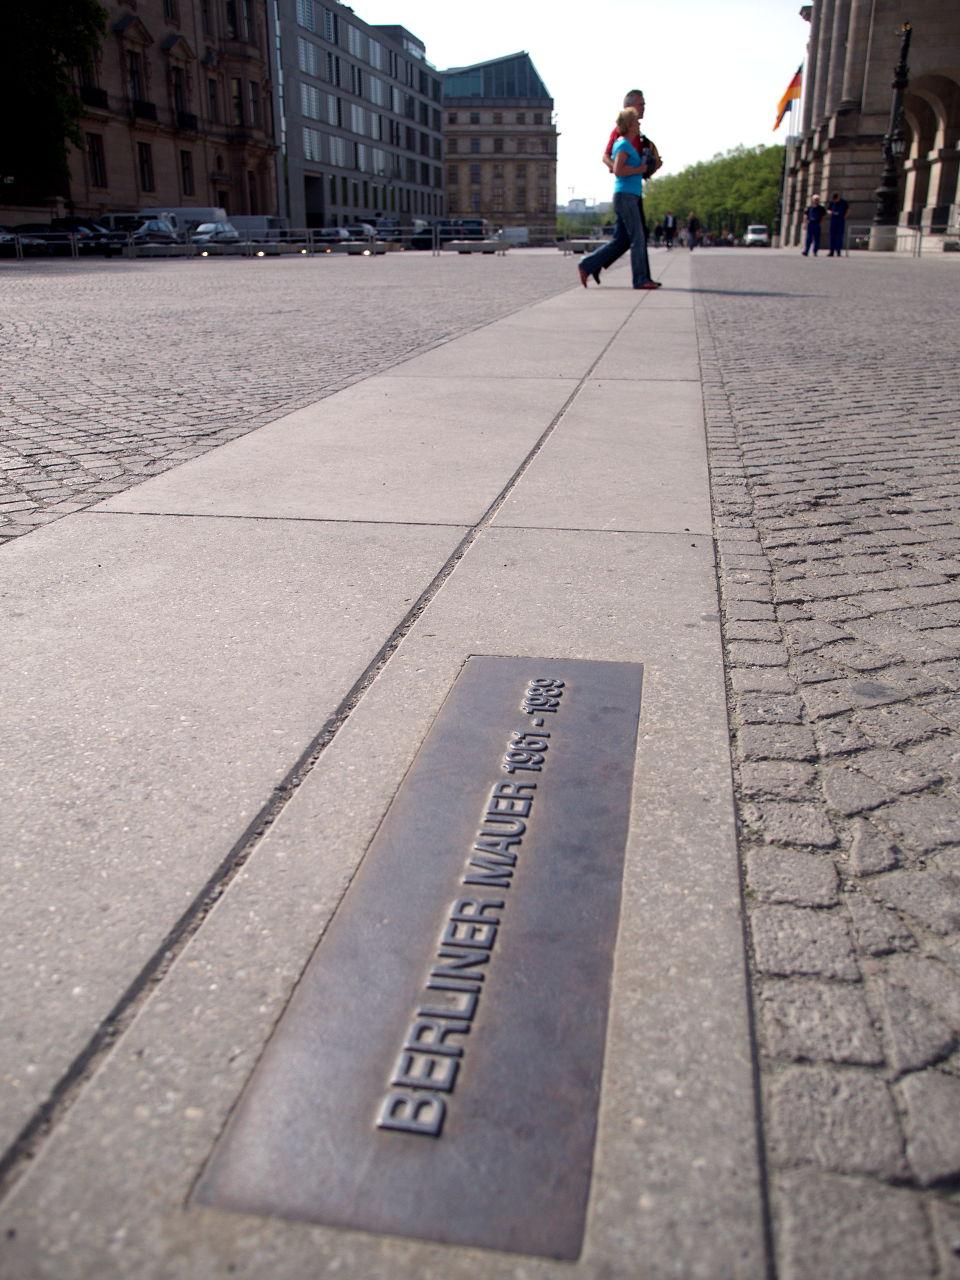 壁があったことを示すプレート。ここは官庁街の一角で画面右側に国会議事堂が建っている、ベルリン、2014.04.15. © Matsuda Masahiro